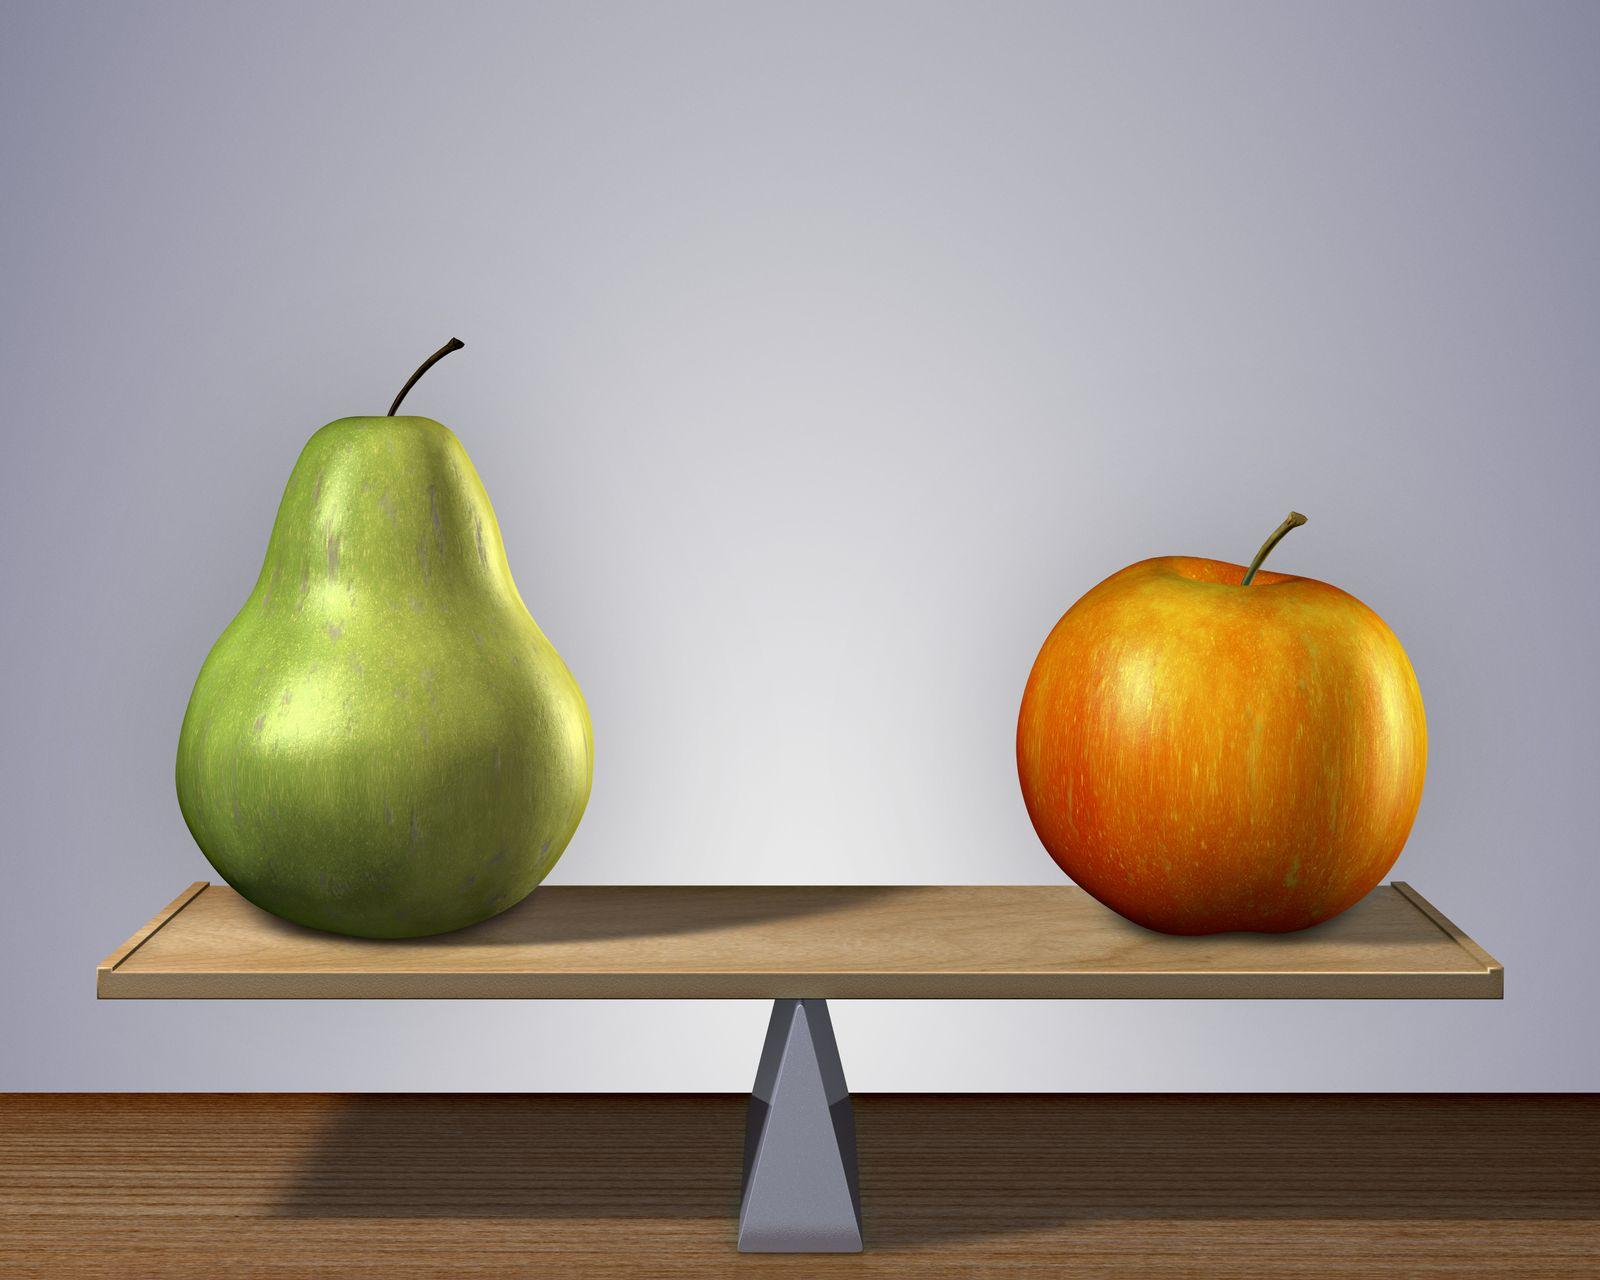 NICHT MEHR VERWENDEN! - Apfel / Birne / Waage